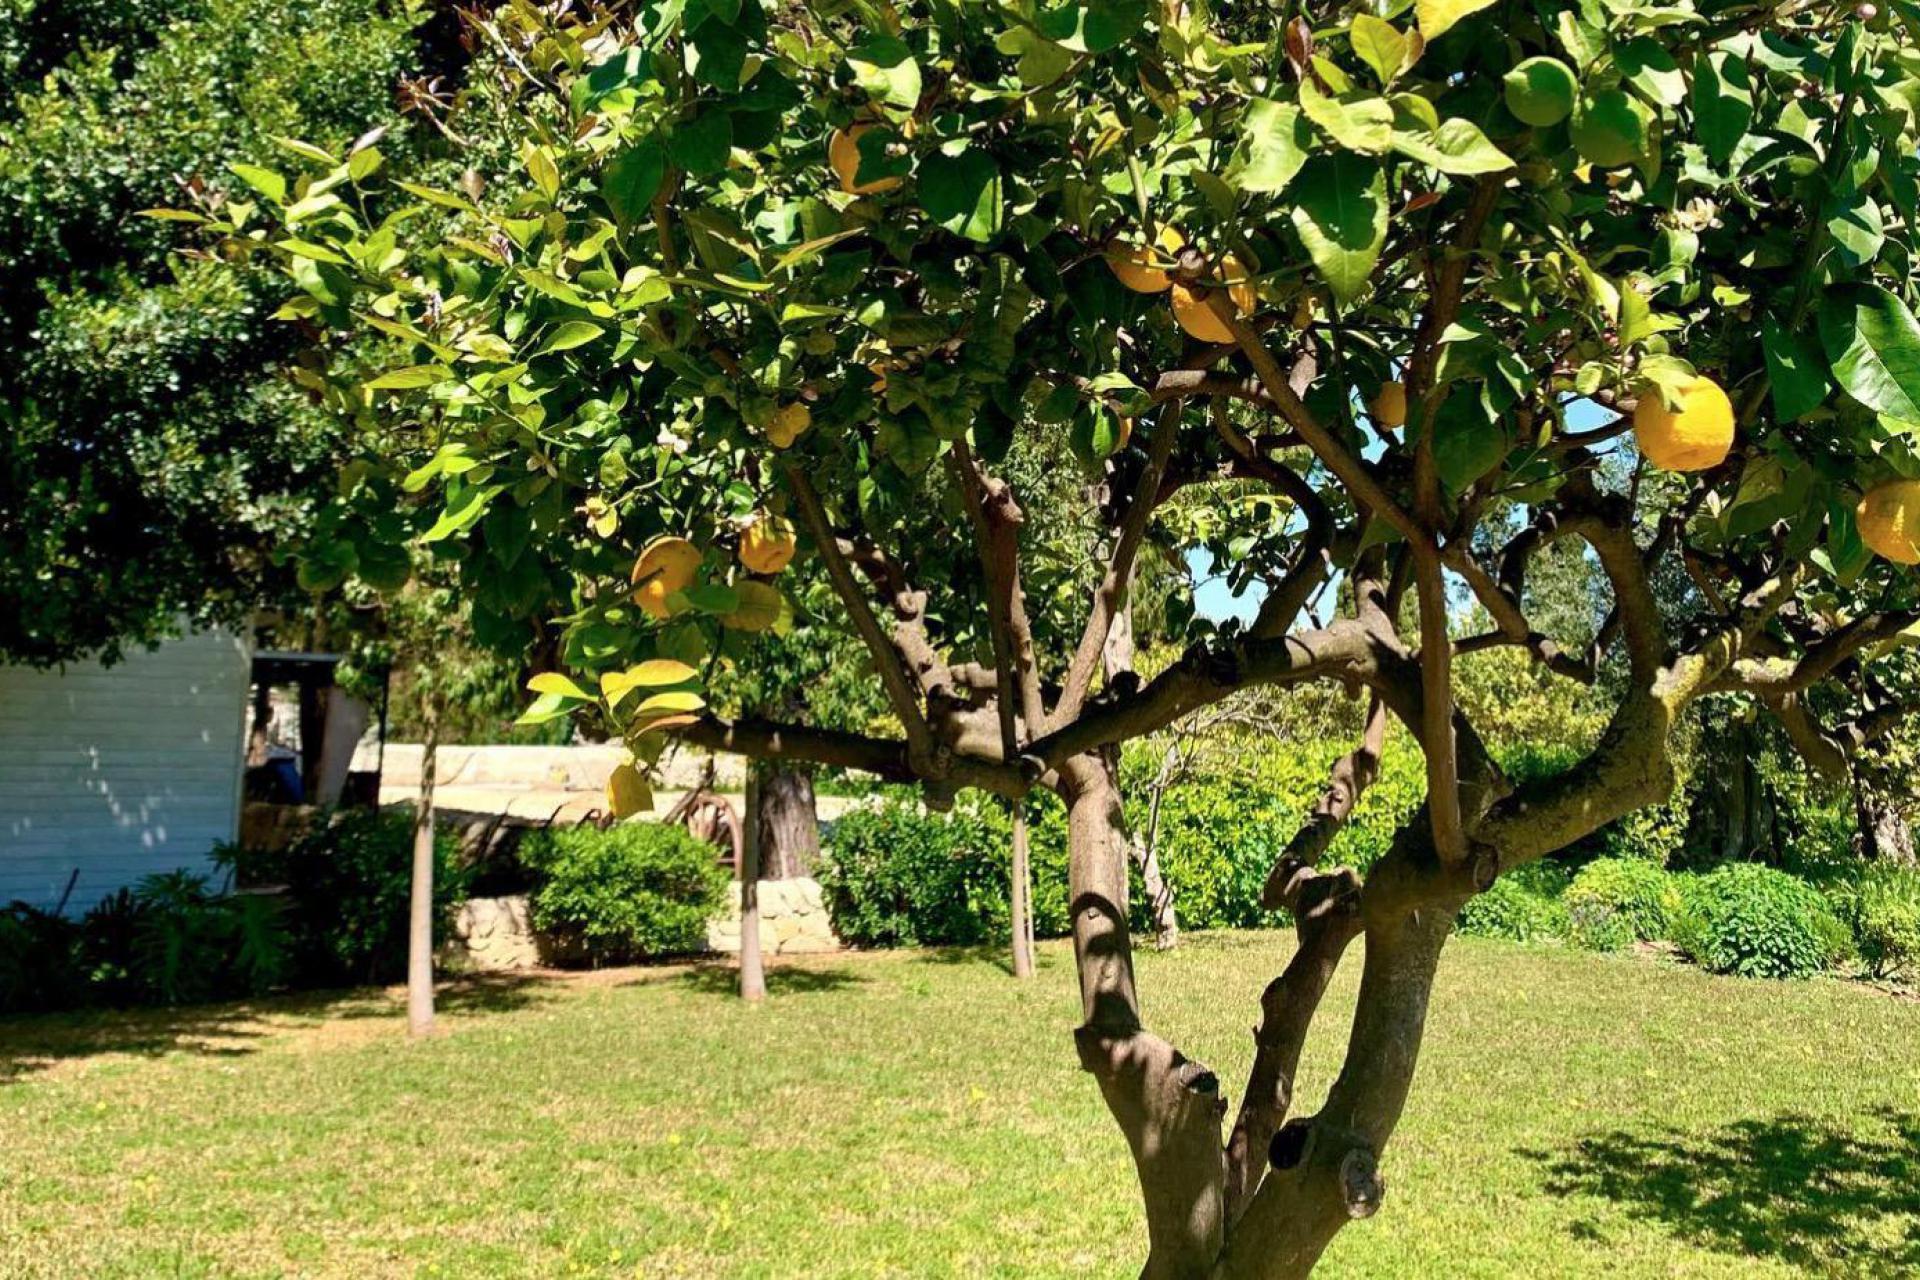 Agriturismo Sicilie Typisch Siciliaanse agriturismo nabij het strand